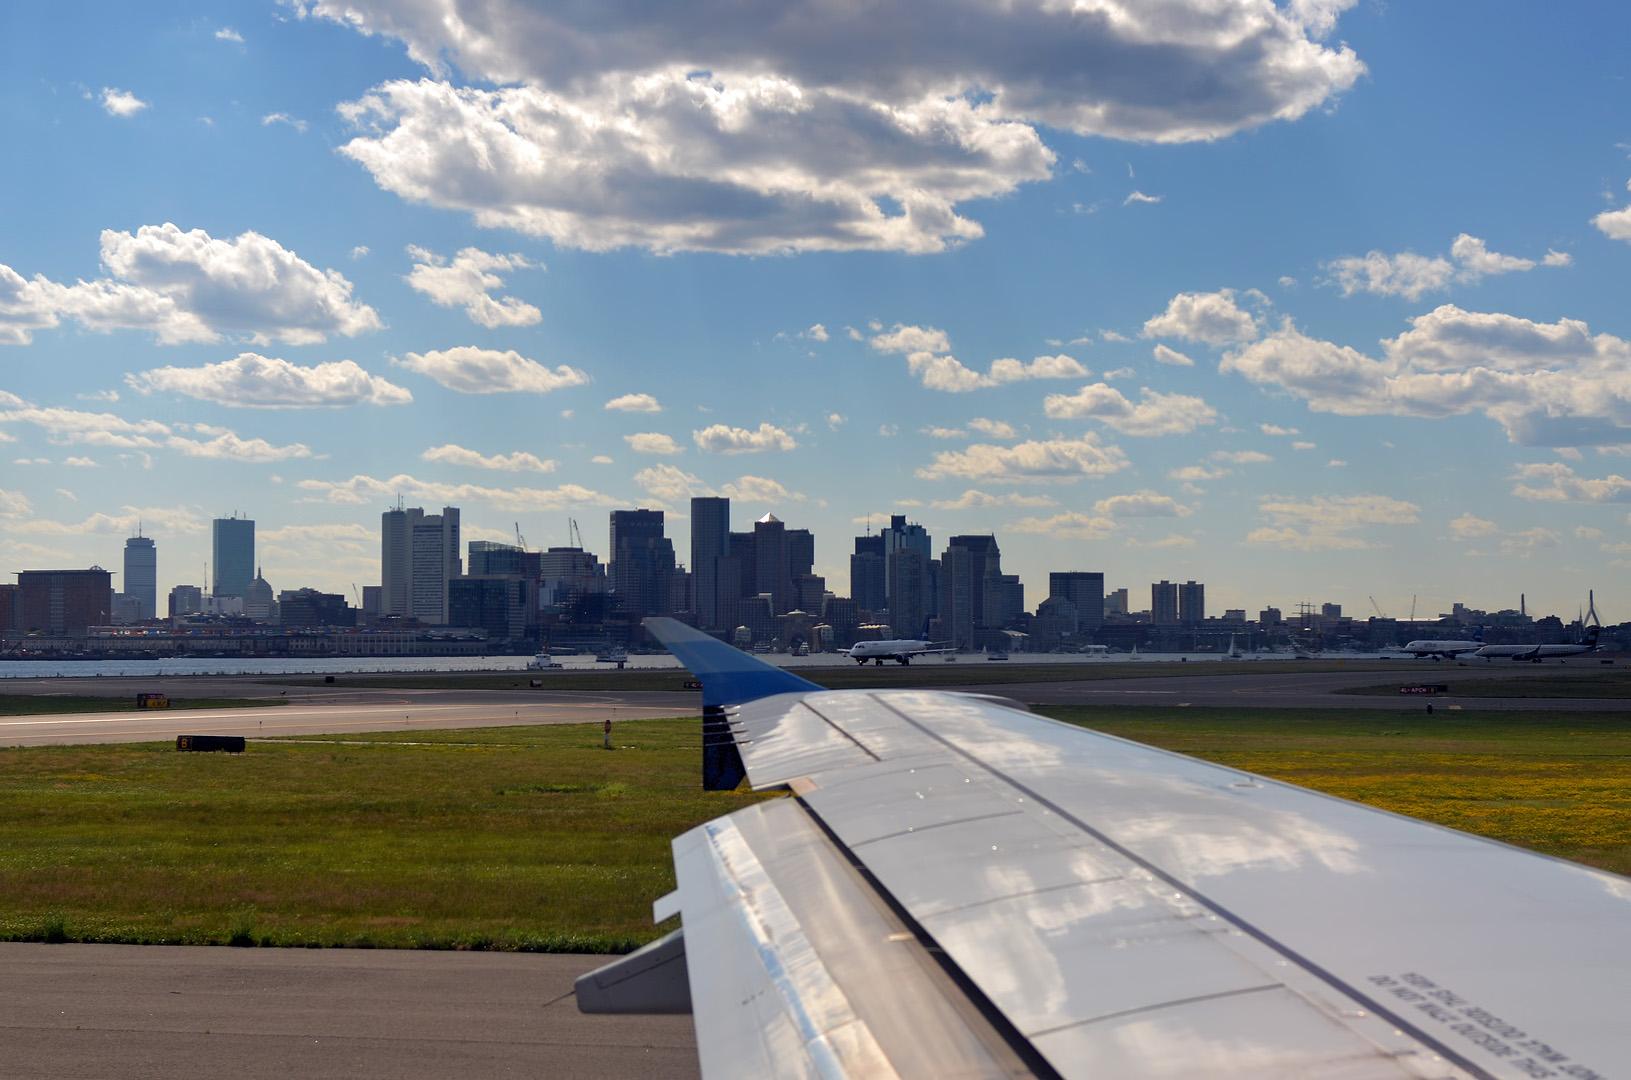 Flughafen Boston